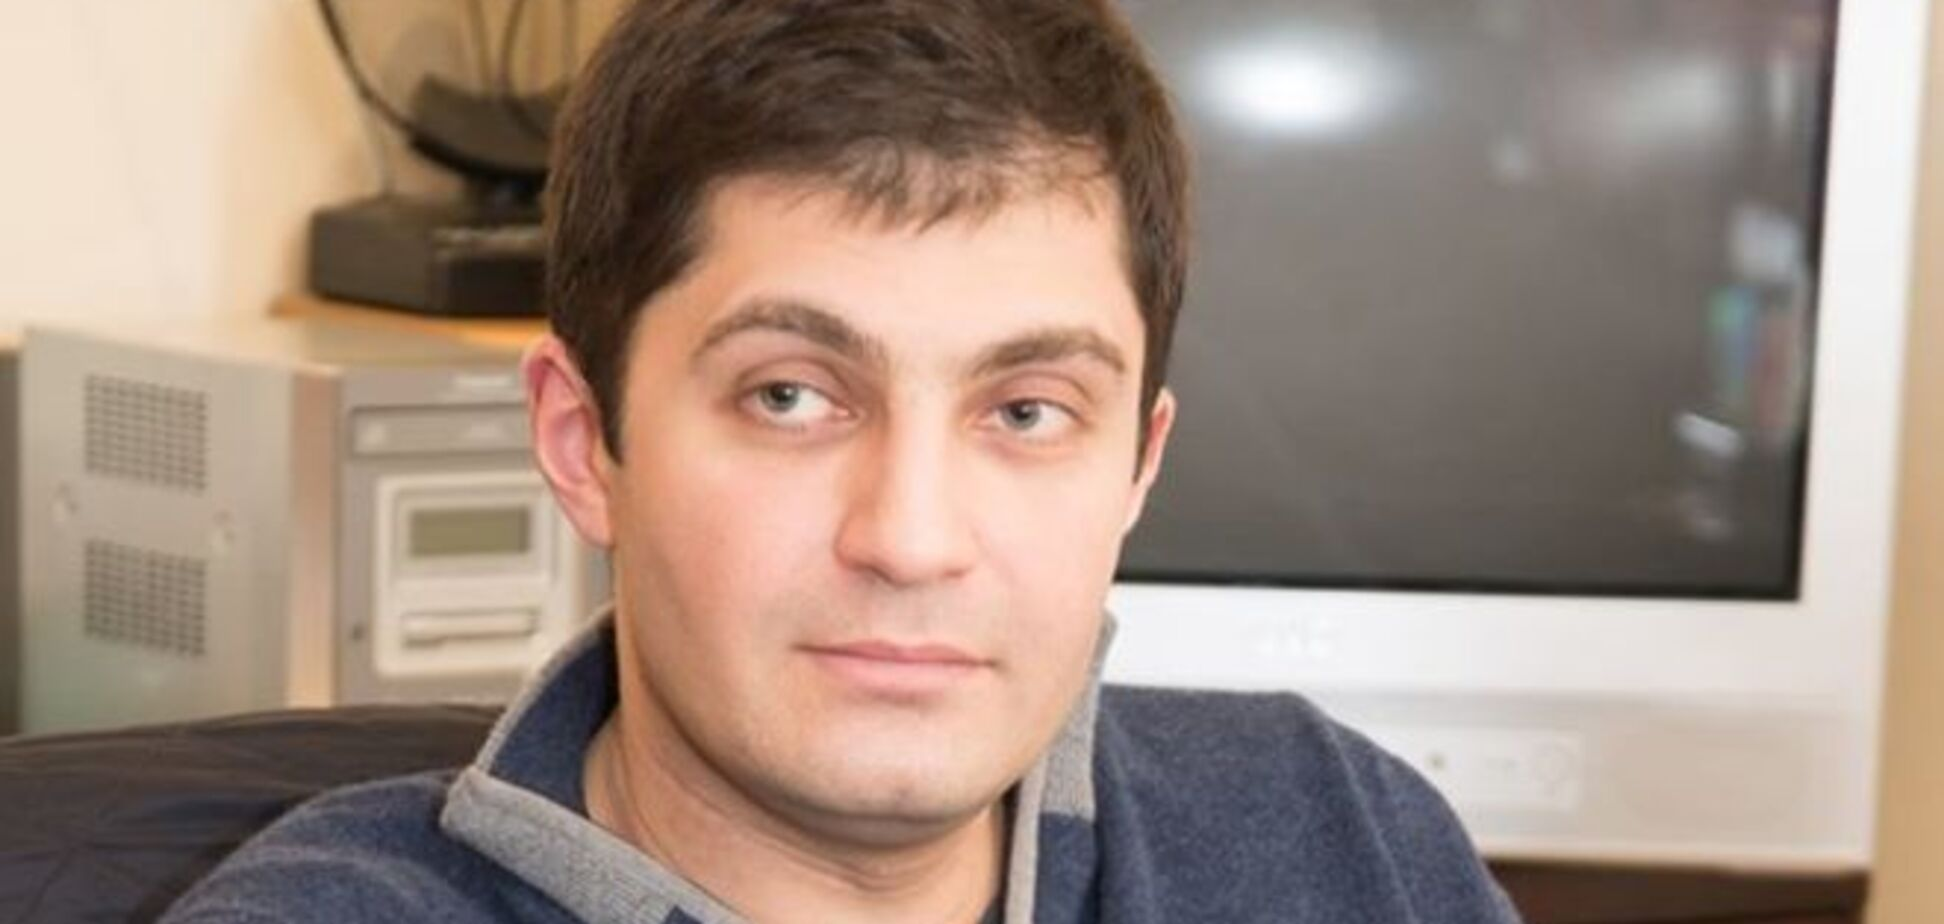 Сакварелідзе: Шокін особисто закрив справу проти слідчих ГПУ та СБУ